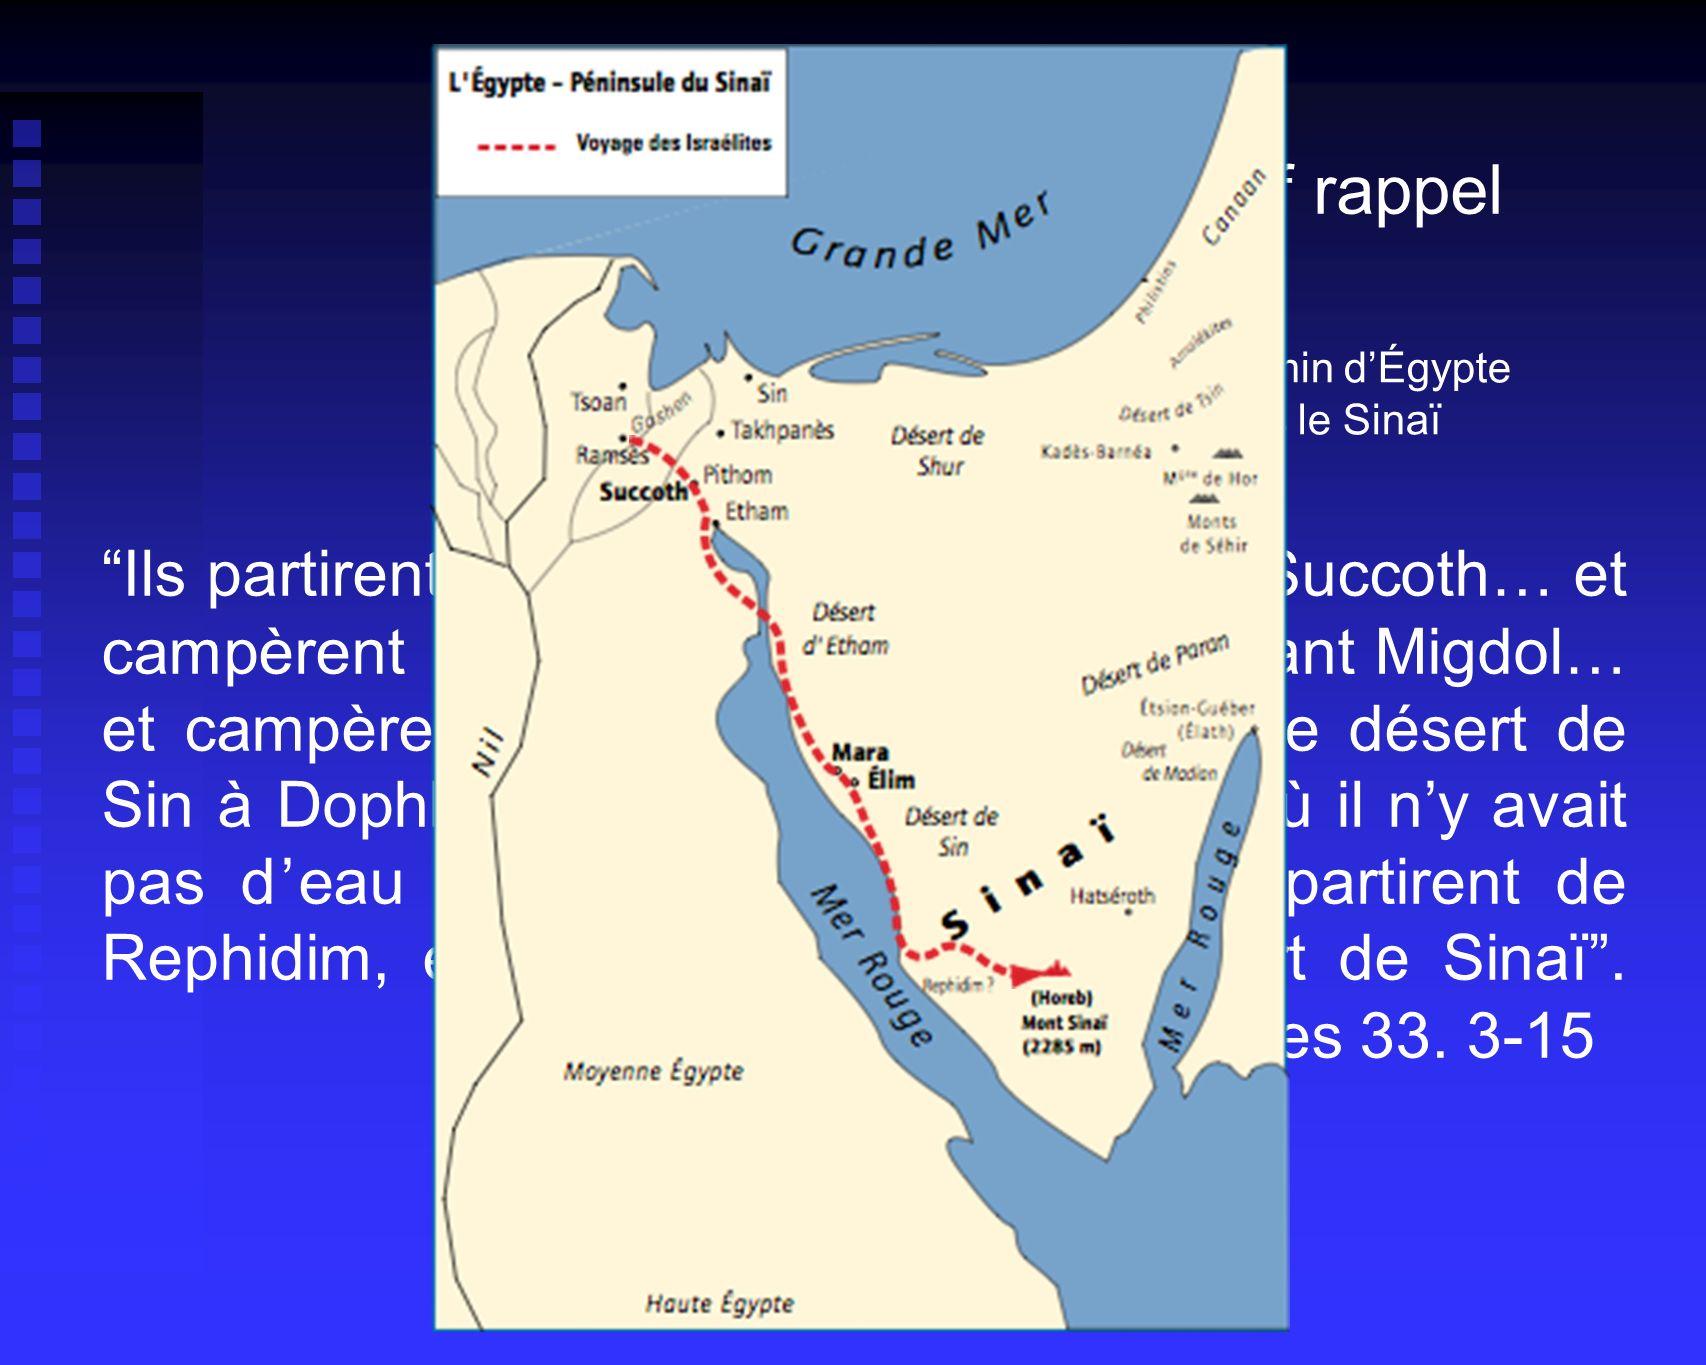 Un bref rappel Le chemin d'Égypte. vers le Sinaï. La longue marche commence… De l'Égypte au Sinaï : 3 mois.